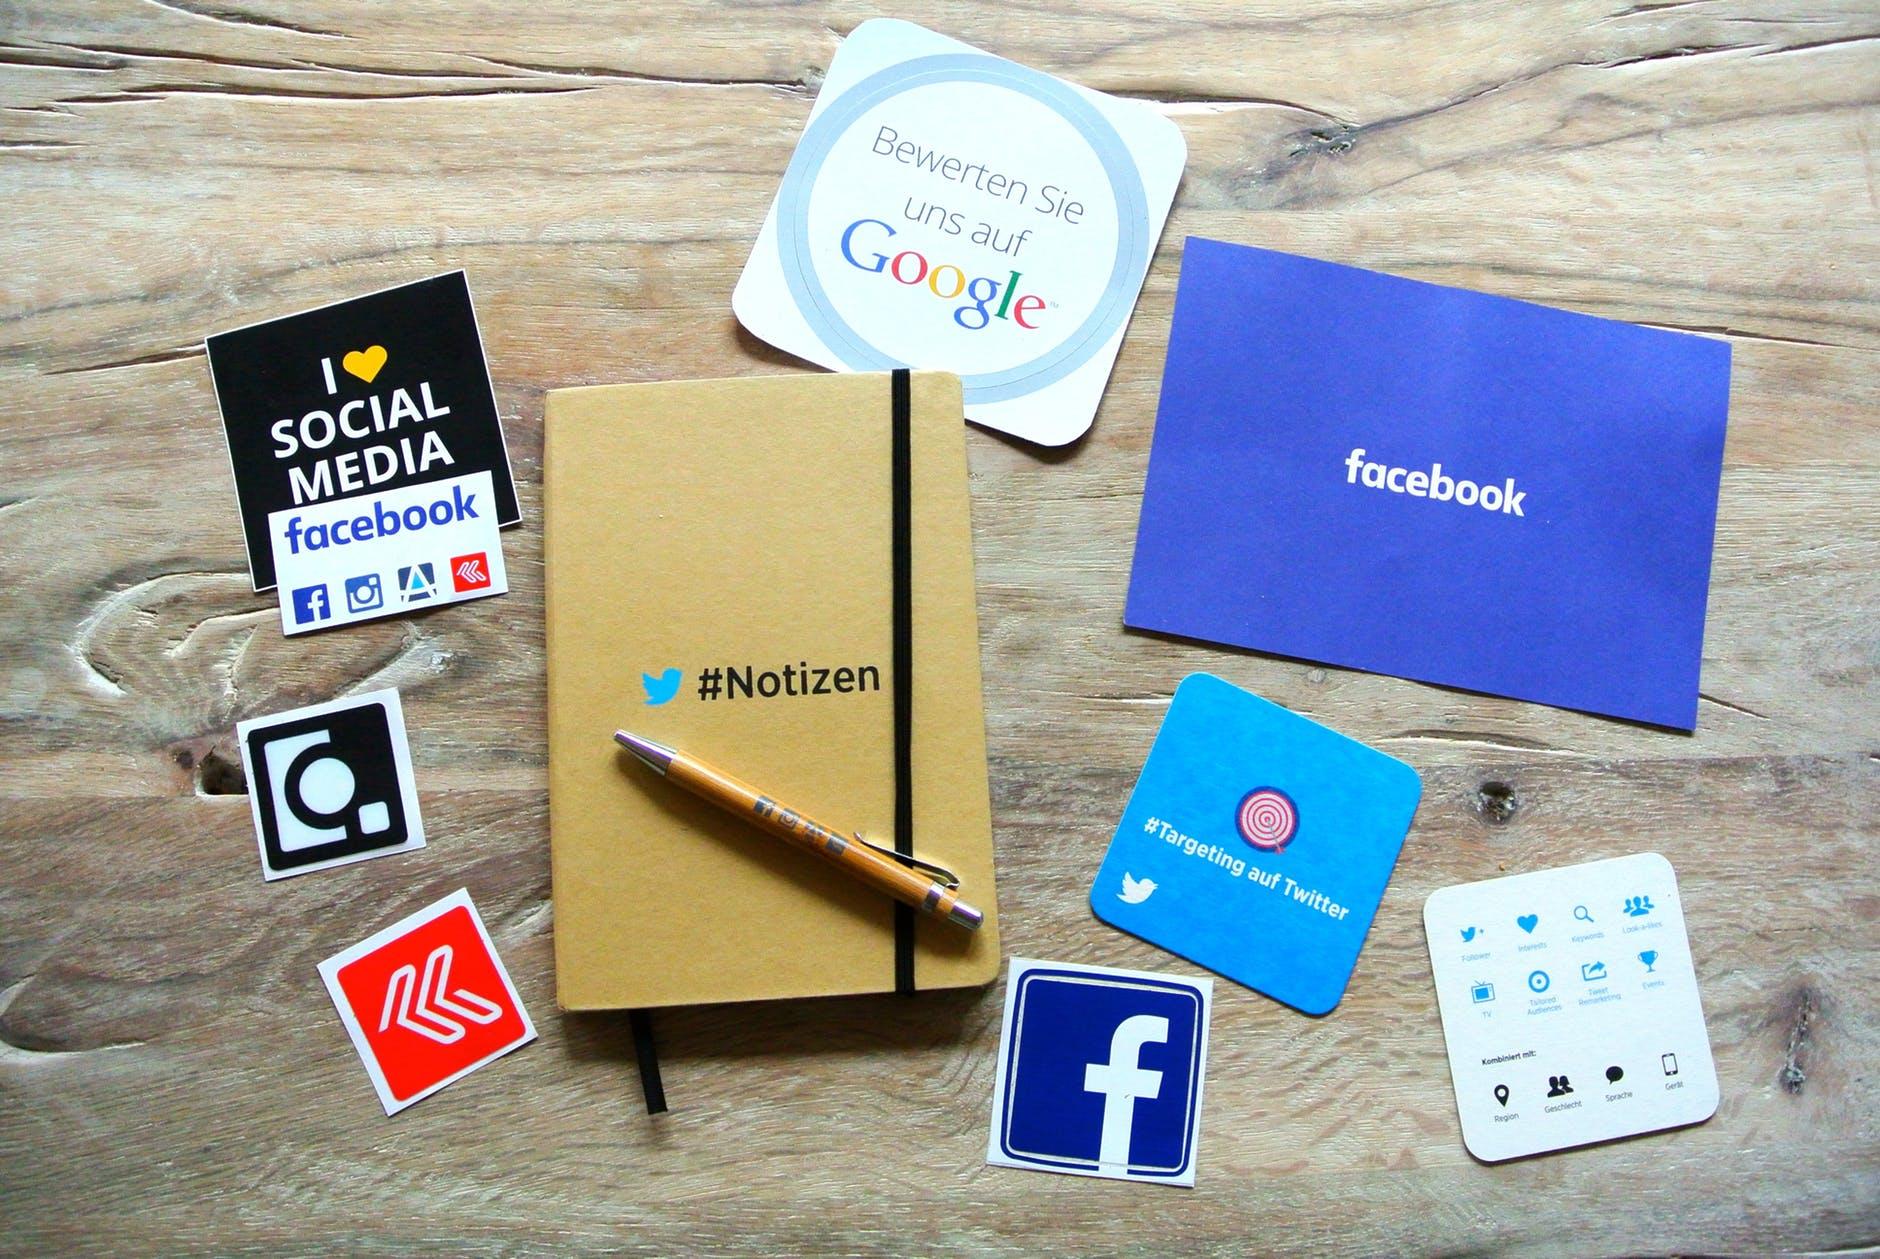 Sosyal Medya Yönetimi İçin 4 İpucu